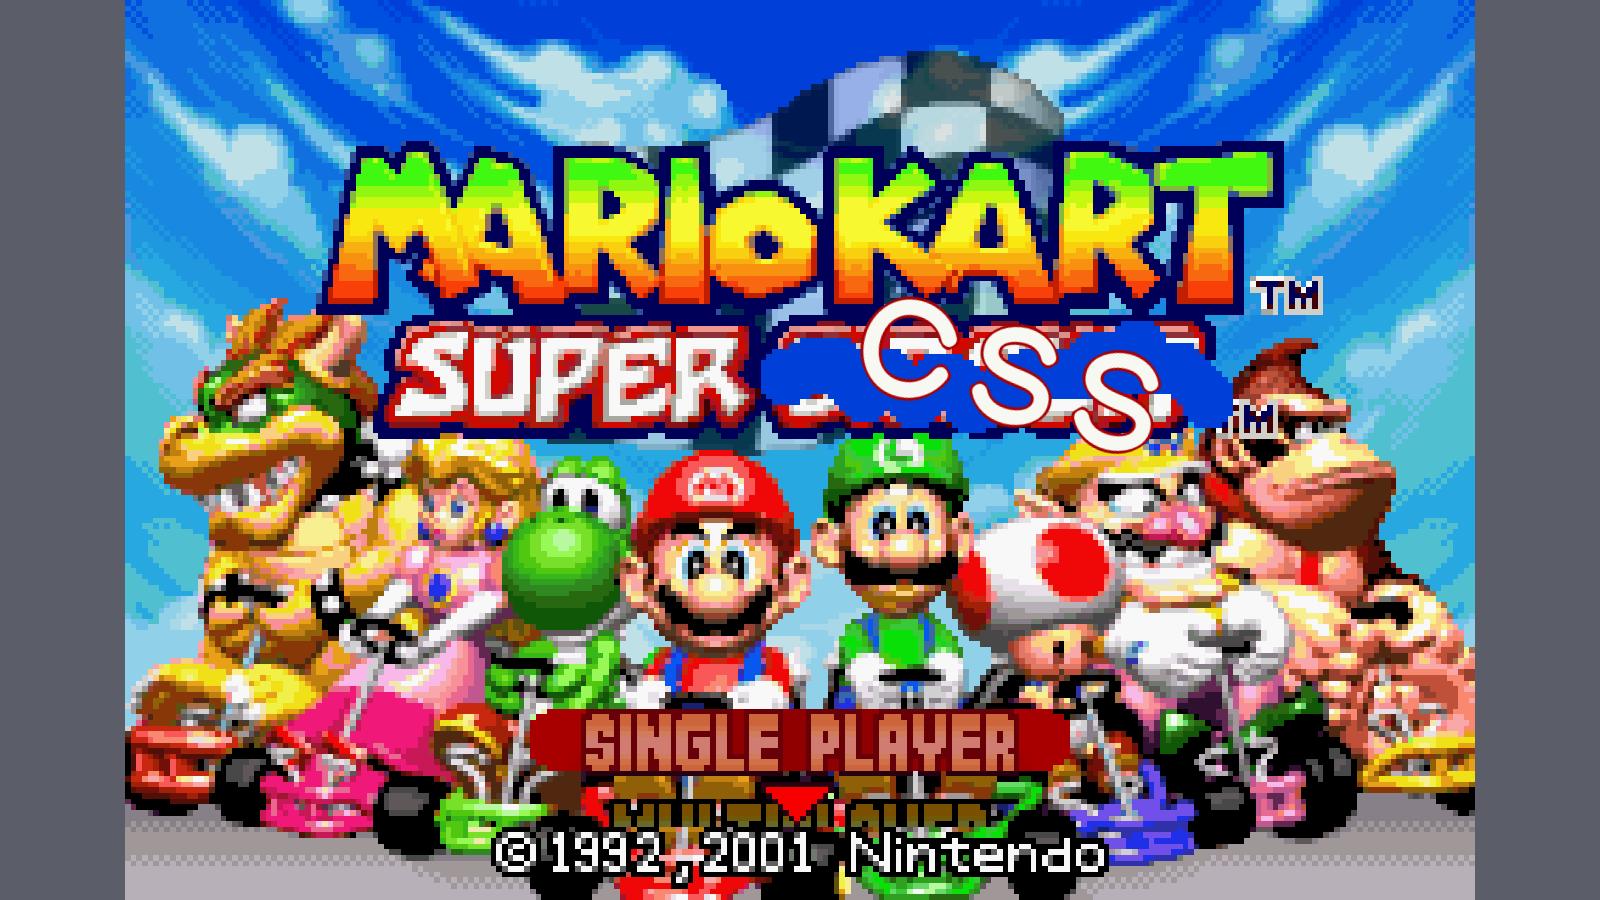 100% CSS Mario Kart